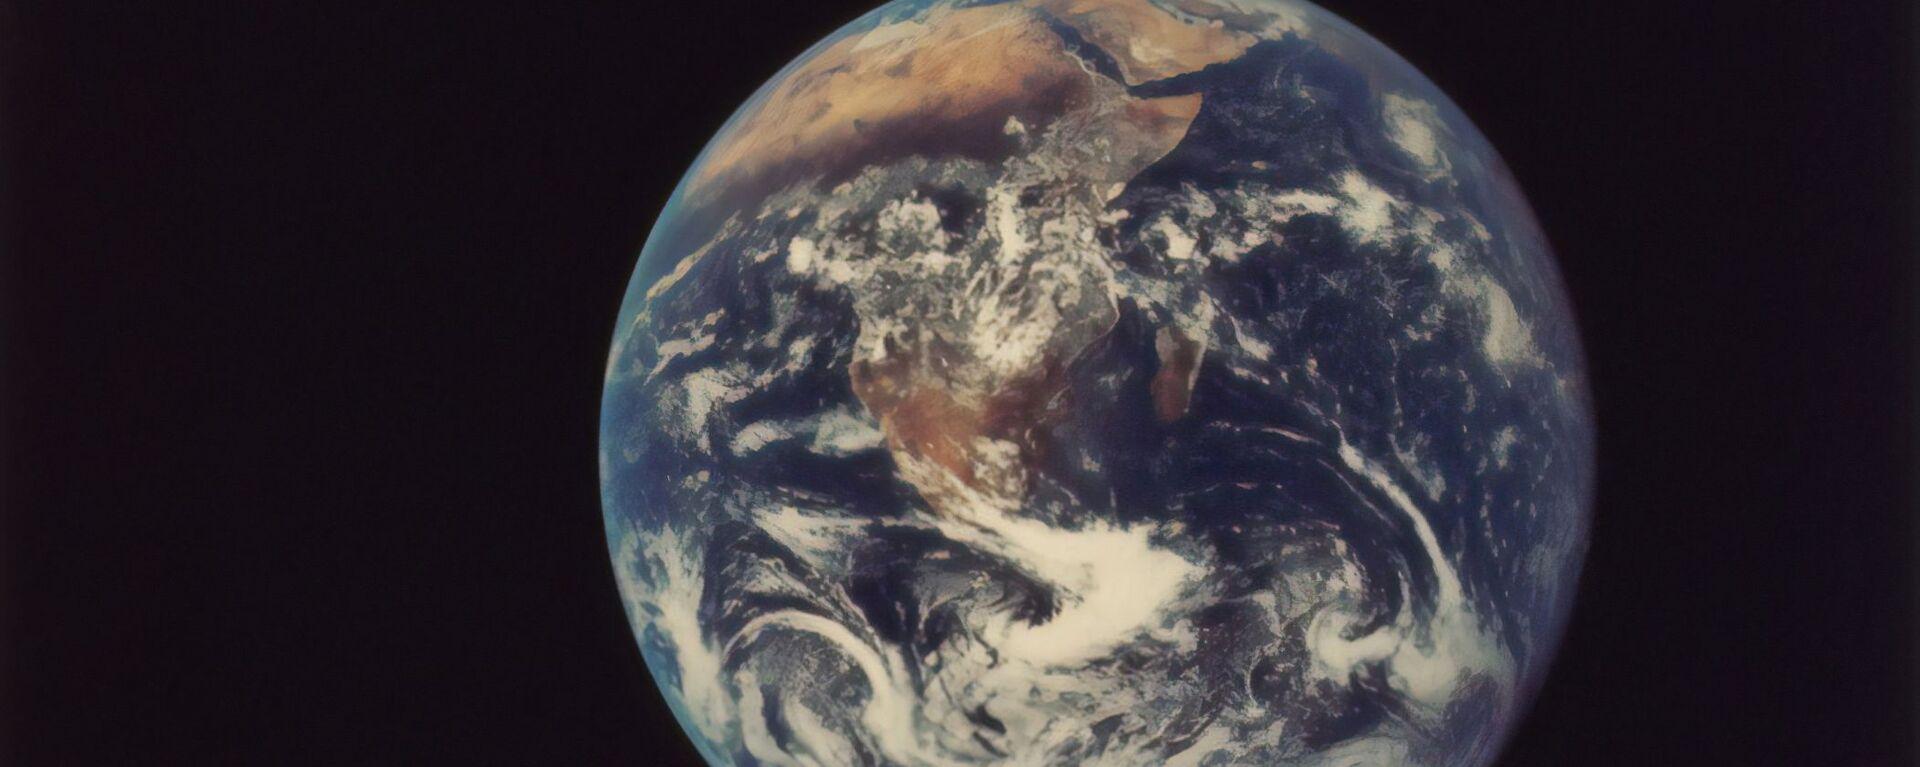 El planeta Tierra - Sputnik Mundo, 1920, 15.04.2021